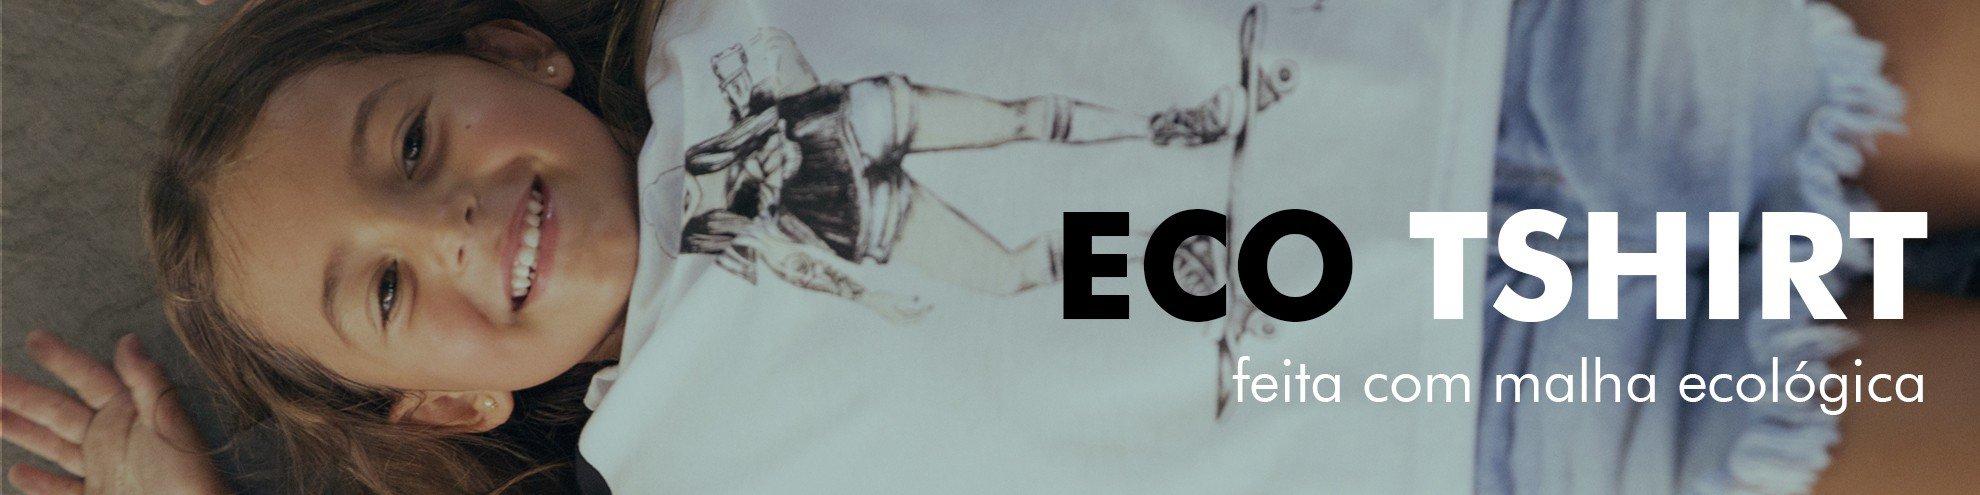 Caca ECO